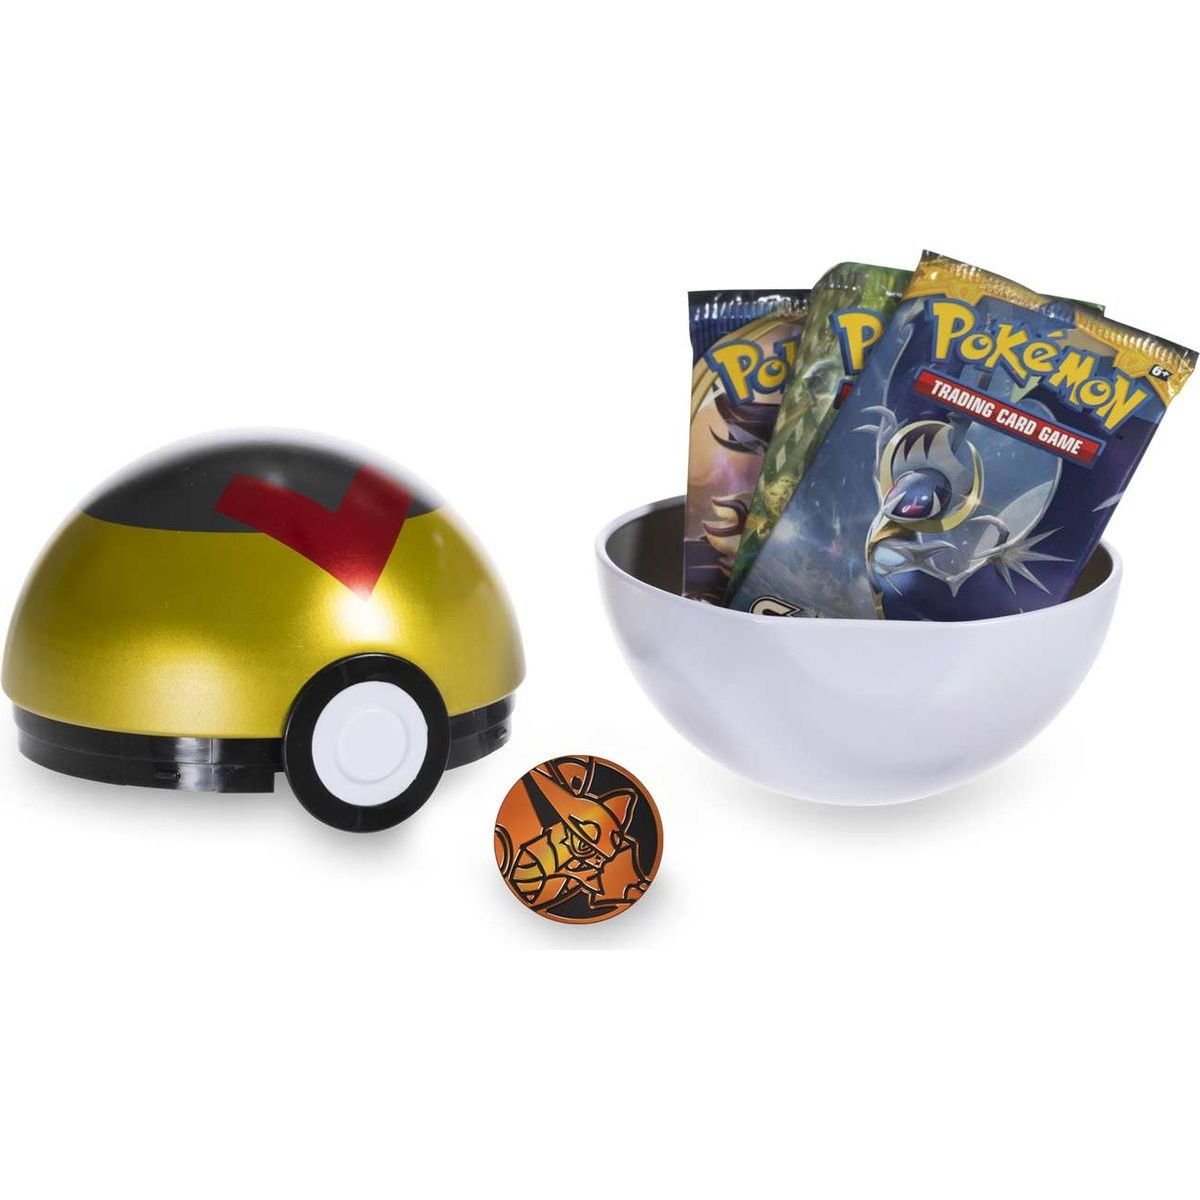 Pokémon TCG Poké Ball Tin SS 2021 zlatý